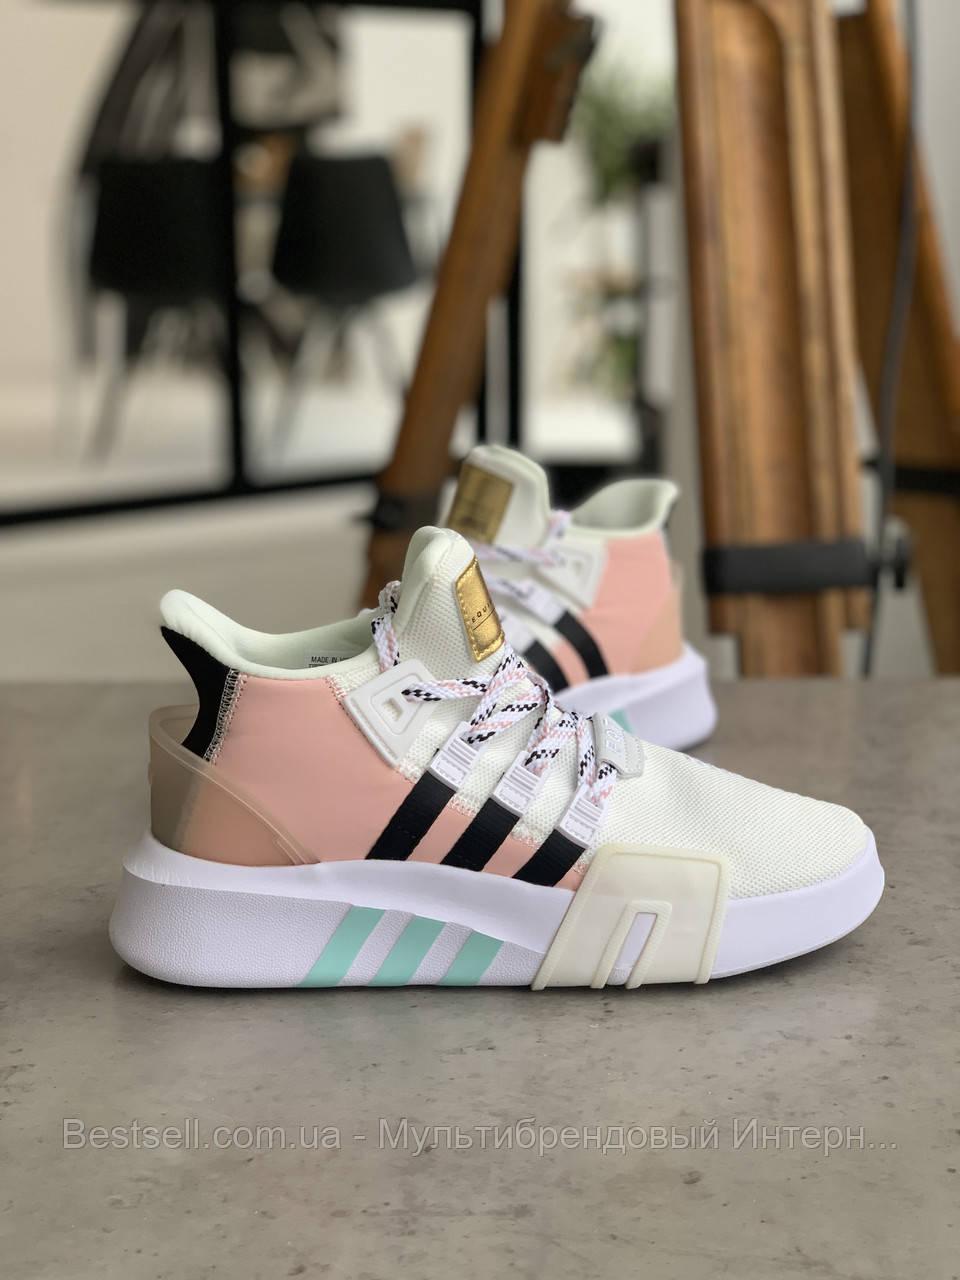 Кроссовки Adidas EQT Bask Adv White Адидас Ект Баск Белые [ 37,38 ]